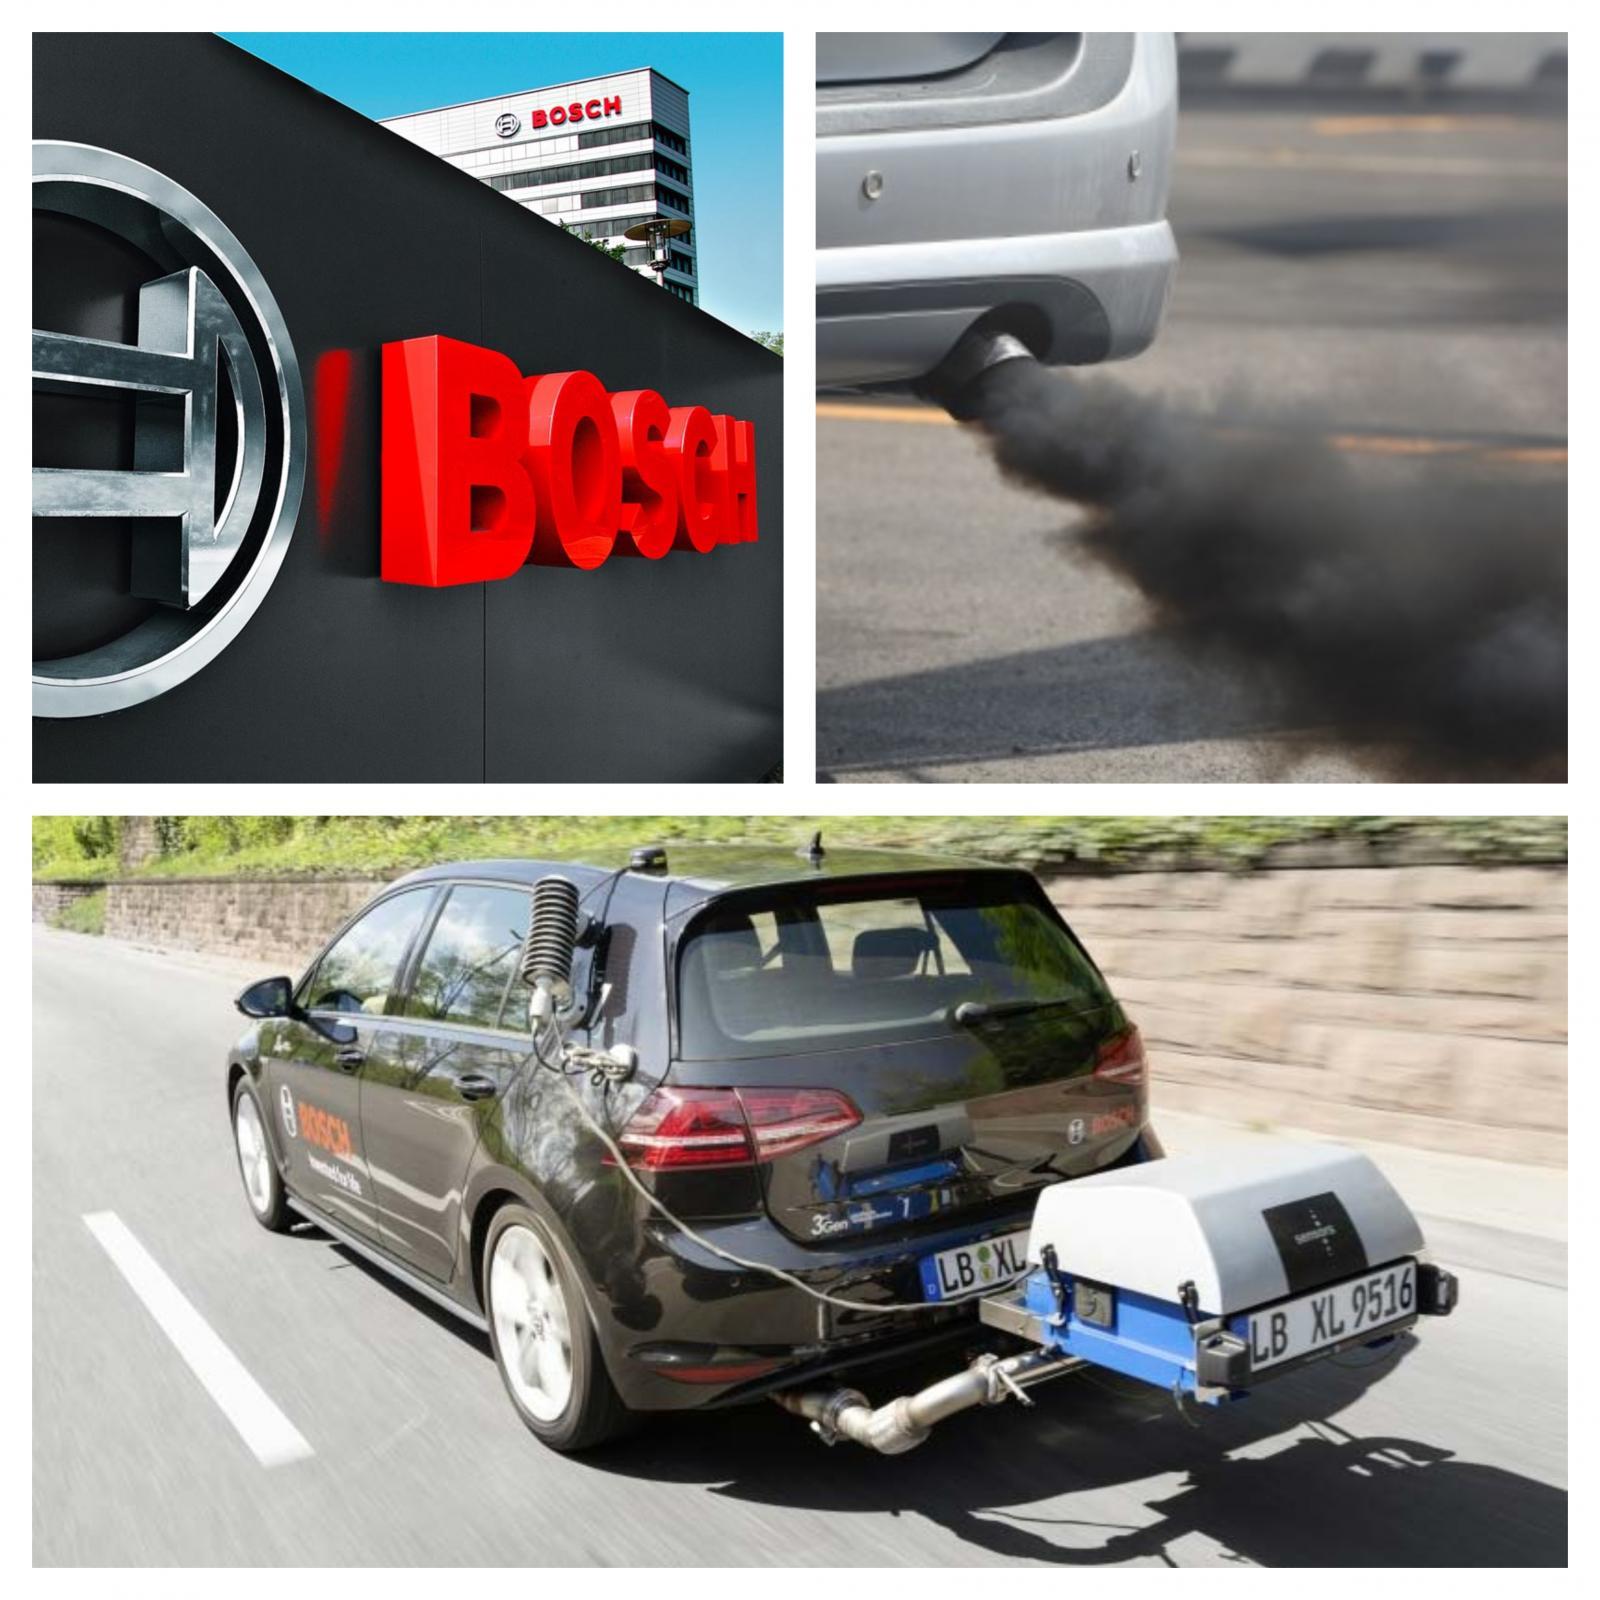 Boscheva nova tehnologija za dizelske motorje - merjenje izpustov